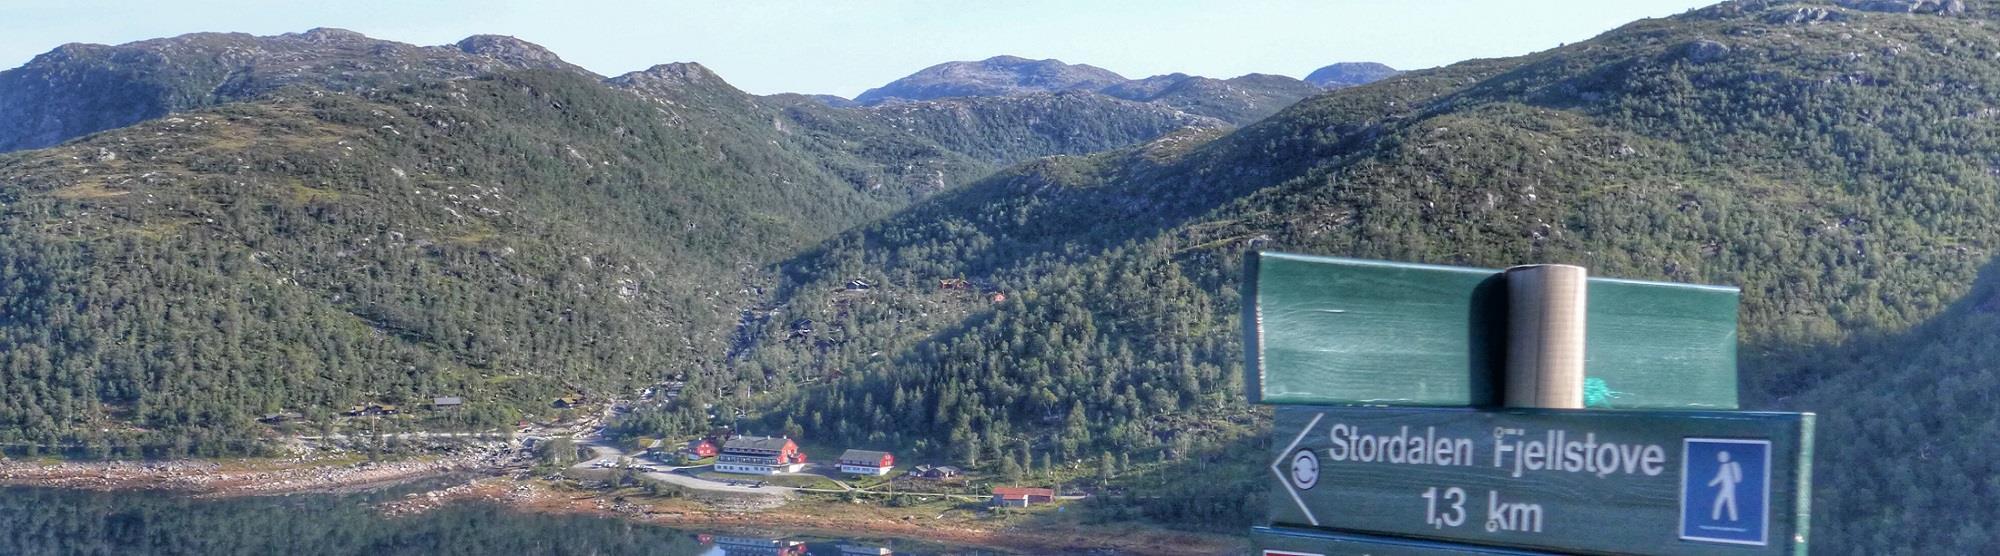 Des Fjord Abseits der Touristenpfade